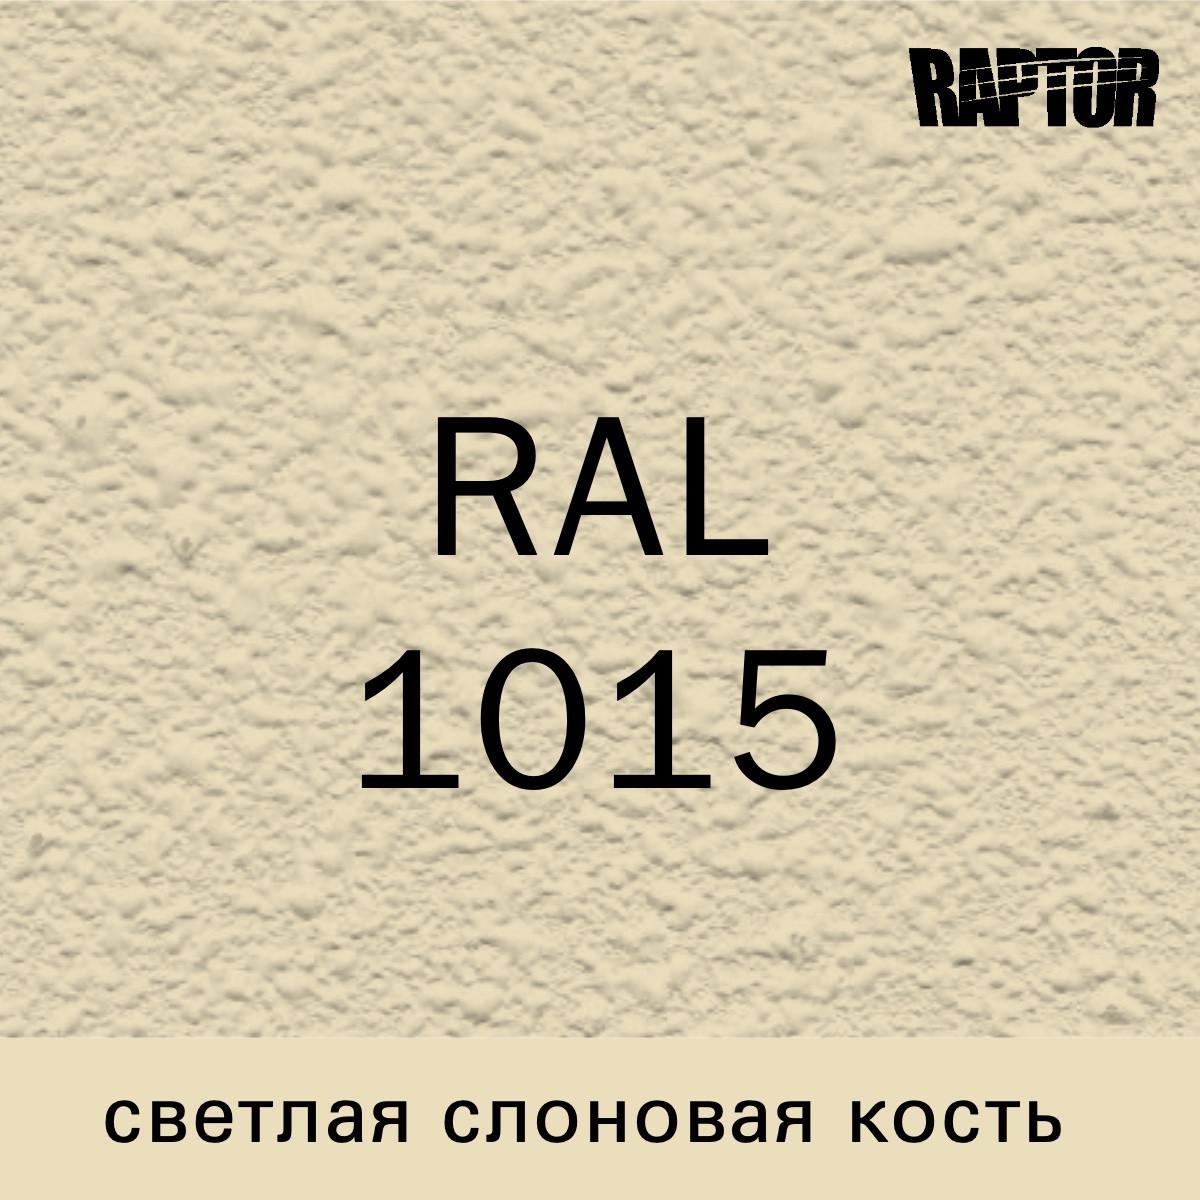 Пигмент для колеровки покрытия RAPTOR™ Светлая слоновая кость (RAL 1015)